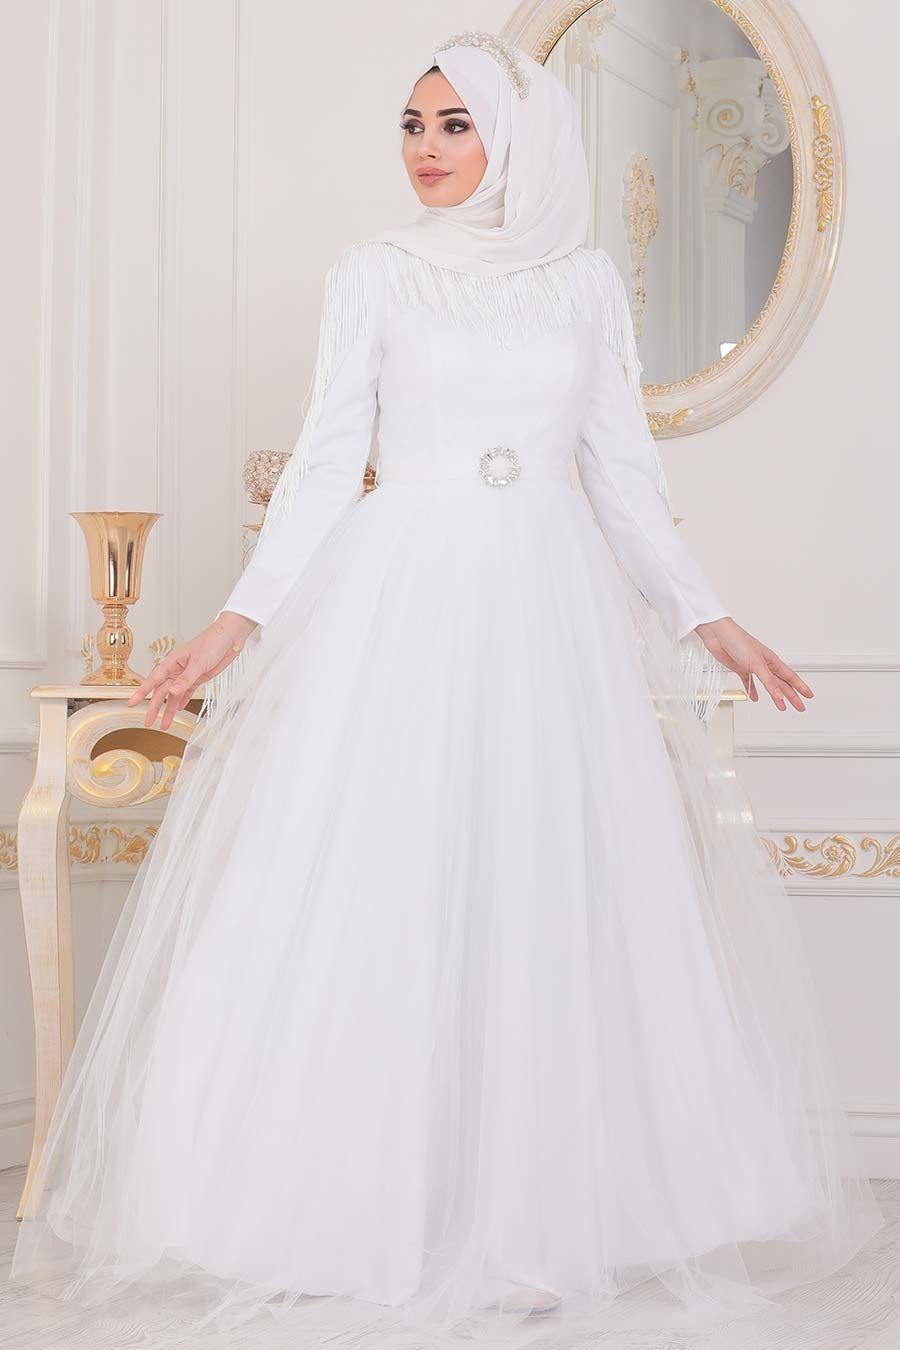 Tesetturlu Abiye Elbise Puskullu Beyaz Tesettur Abiye Elbise 40242b Tesetturisland Com 2020 Aksamustu Giysileri The Dress Elbise